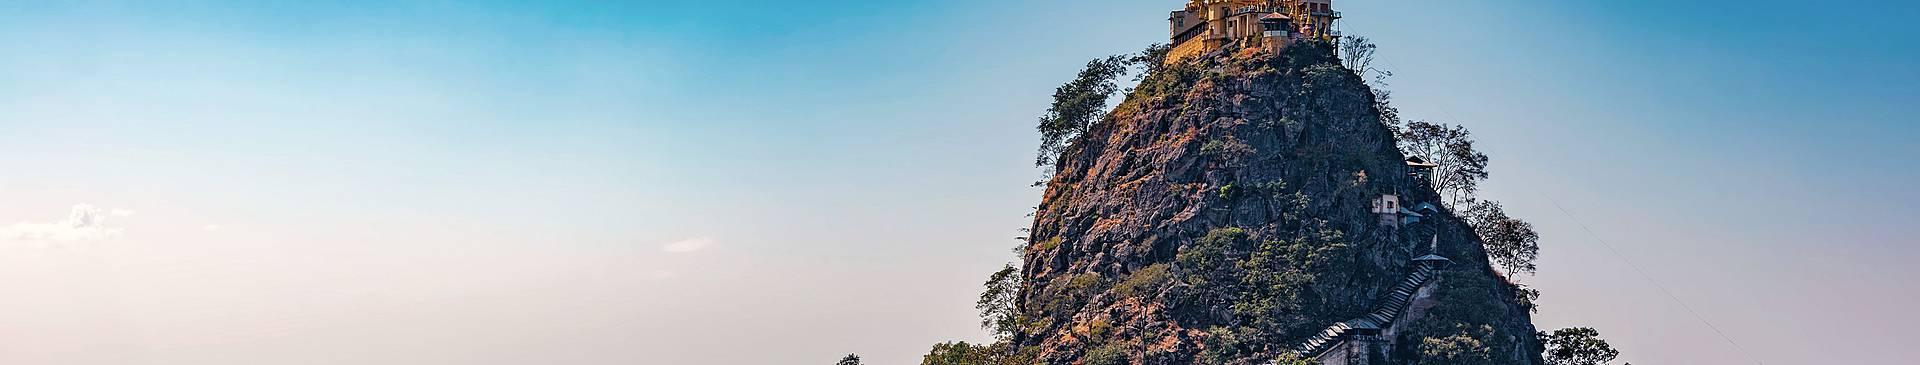 Nature in Burma